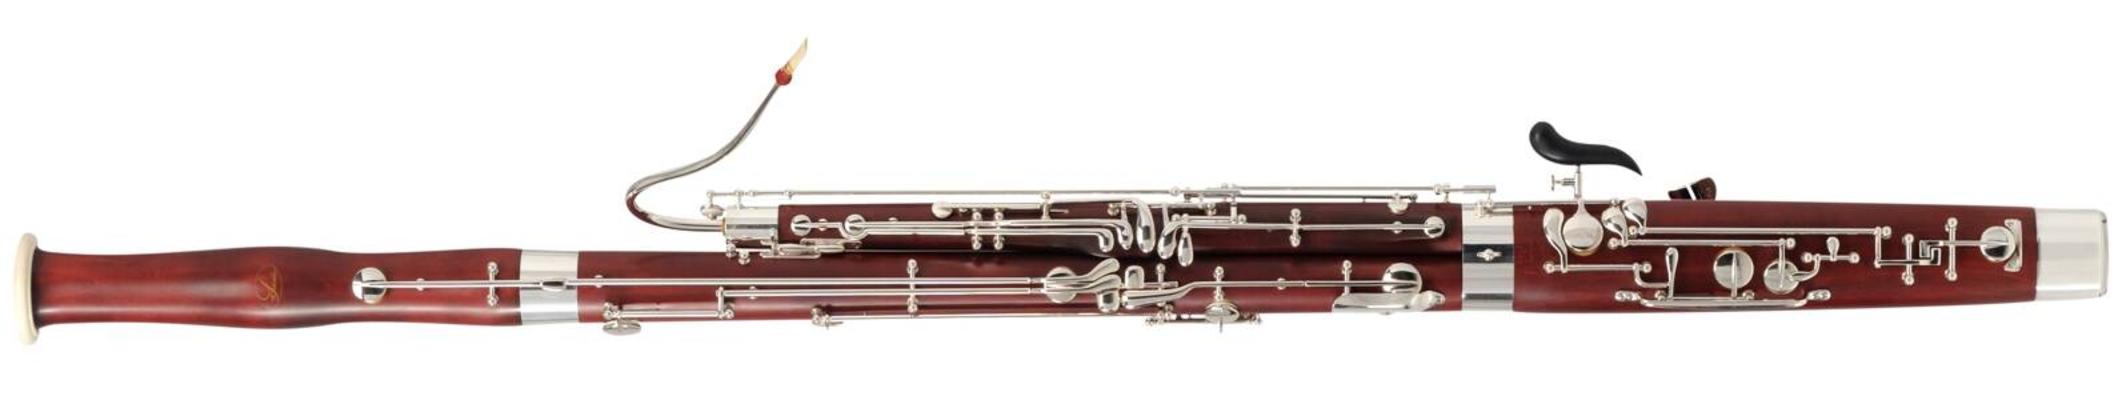 Schreiber S13, bois dérable, clétage adapté aux petites mains, 22 clés, 2 bocaux (KER1 & 2), argenté- en étui